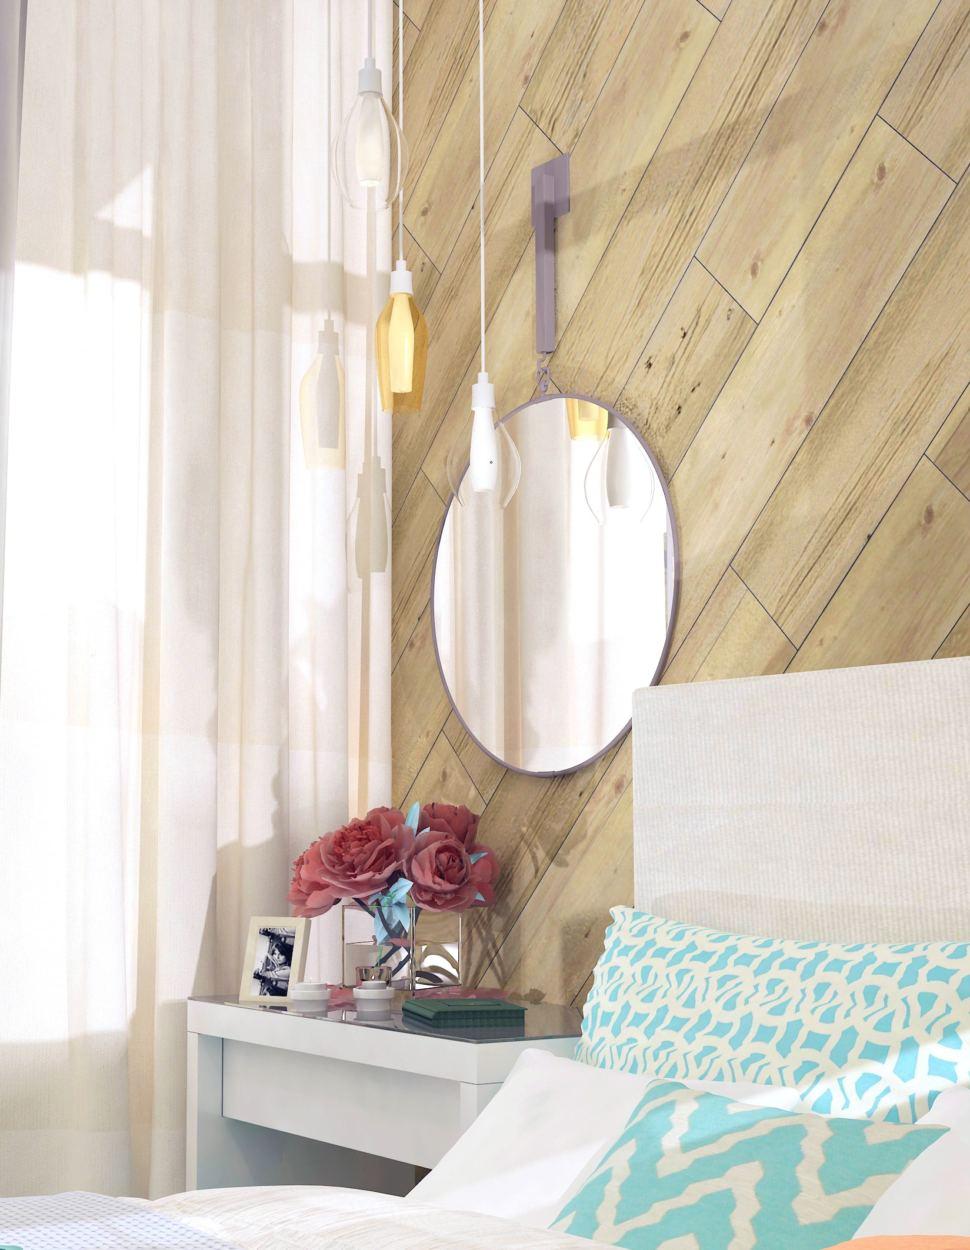 Дизайн комнаты 19 кв.м. в природных тонах с акцентами, стеллаж, белая кровать, кирпич, пвх плитка